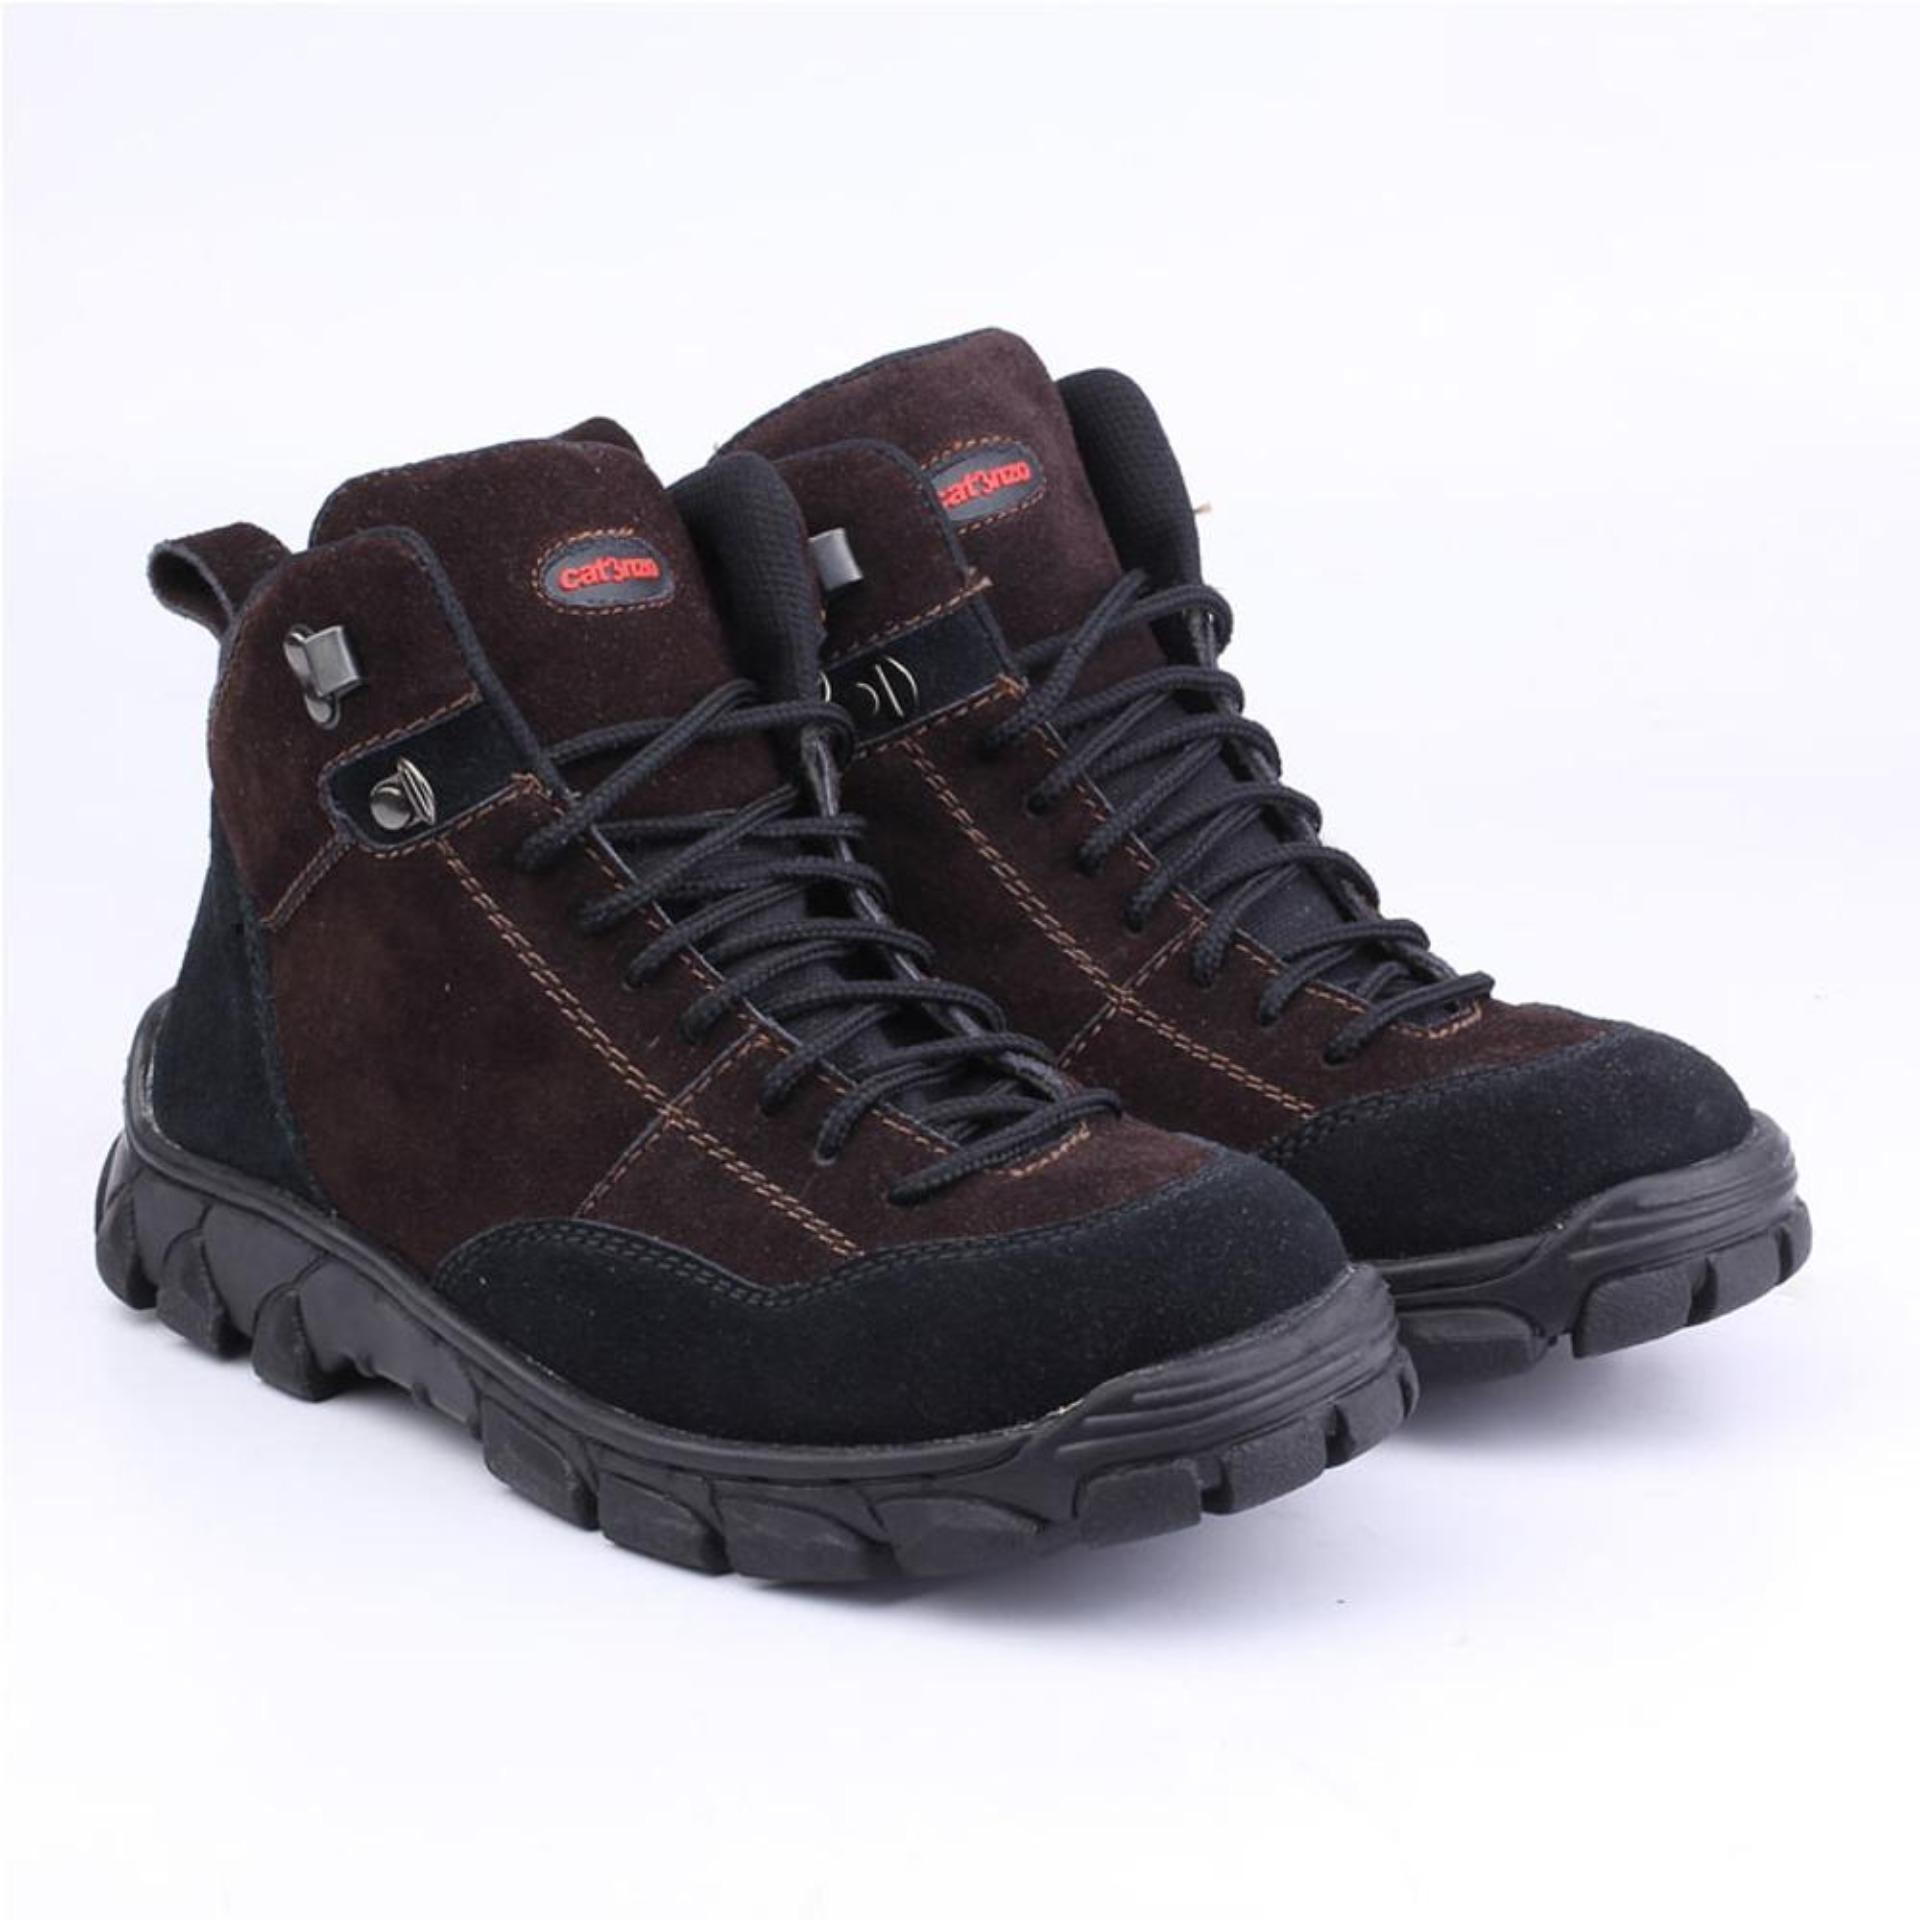 Daftar Harga Jual Sepatu Gunung Bandung Termurah 2018 Pria Kasual Sneaker Boot Rr 023 Cowok Kulit